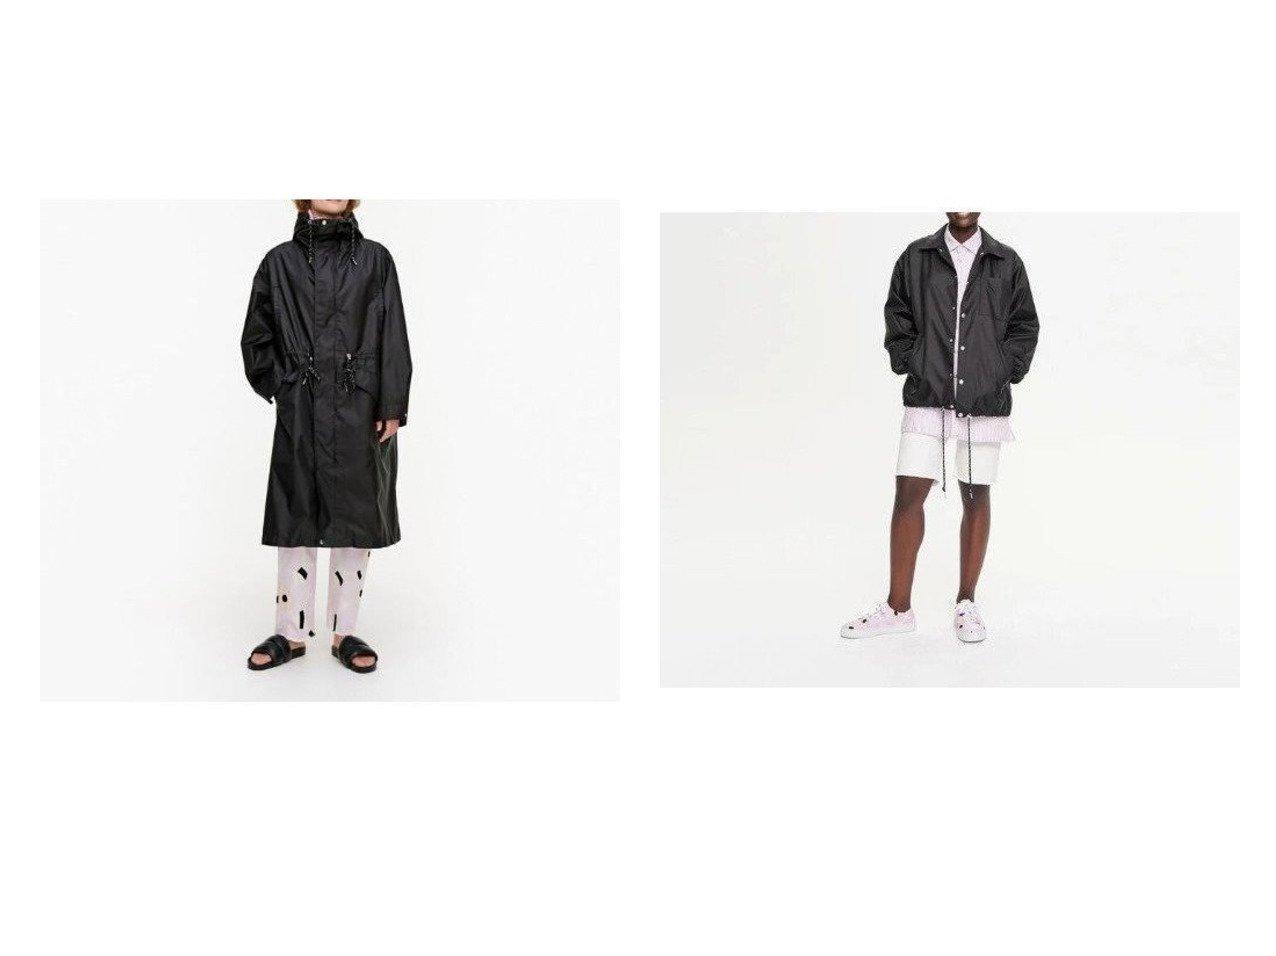 【marimekko/マリメッコ】のPelto コート&Pellot コート おすすめ!人気、トレンド・レディースファッションの通販 おすすめで人気の流行・トレンド、ファッションの通販商品 メンズファッション・キッズファッション・インテリア・家具・レディースファッション・服の通販 founy(ファニー) https://founy.com/ ファッション Fashion レディースファッション WOMEN アウター Coat Outerwear コート Coats ドローストリング フロント ポケット モチーフ |ID:crp329100000035900